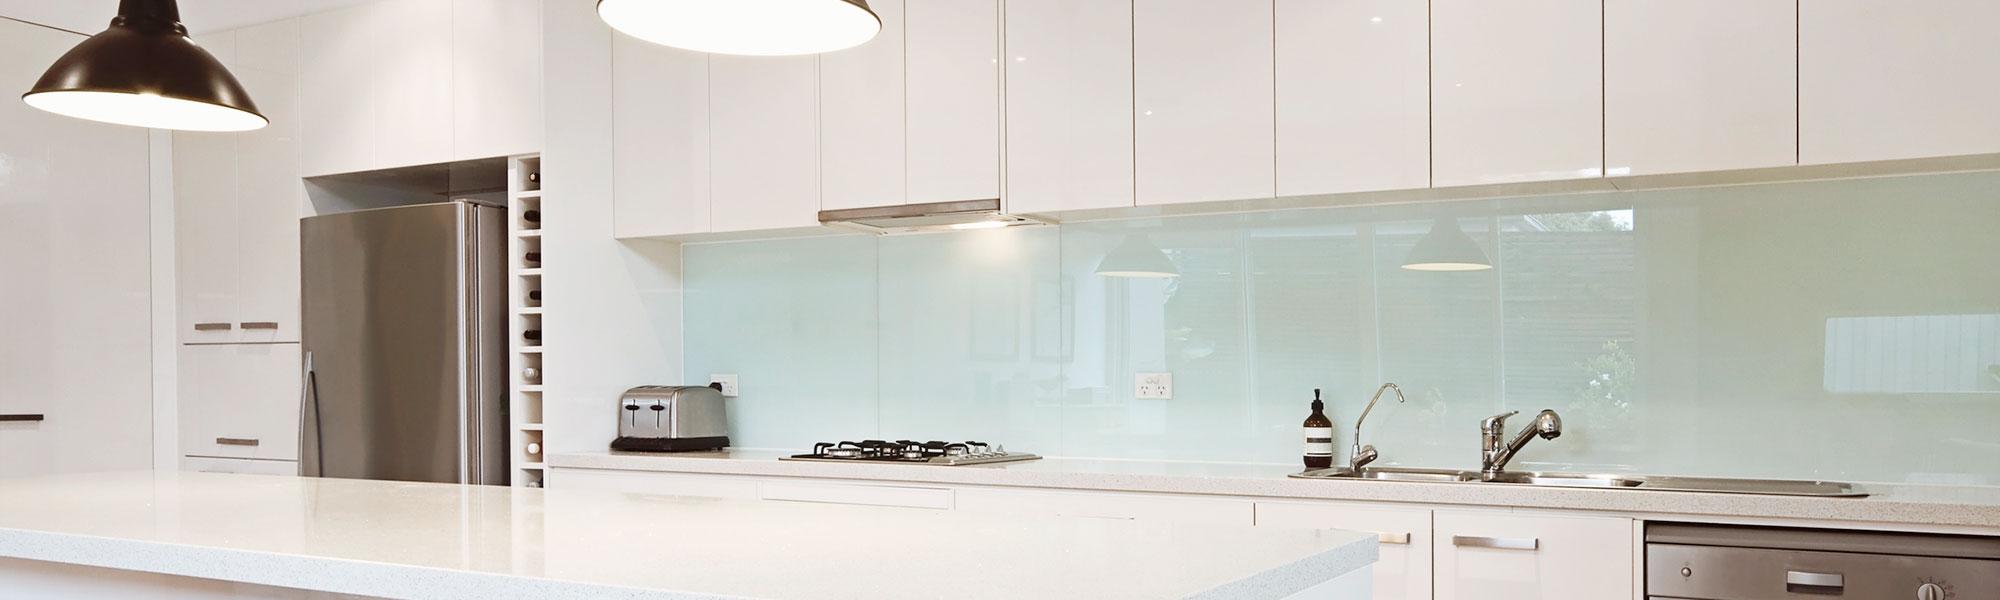 Kuchenruckwande Und Arbeitsplatten Aus Glas Glasmanufaktur